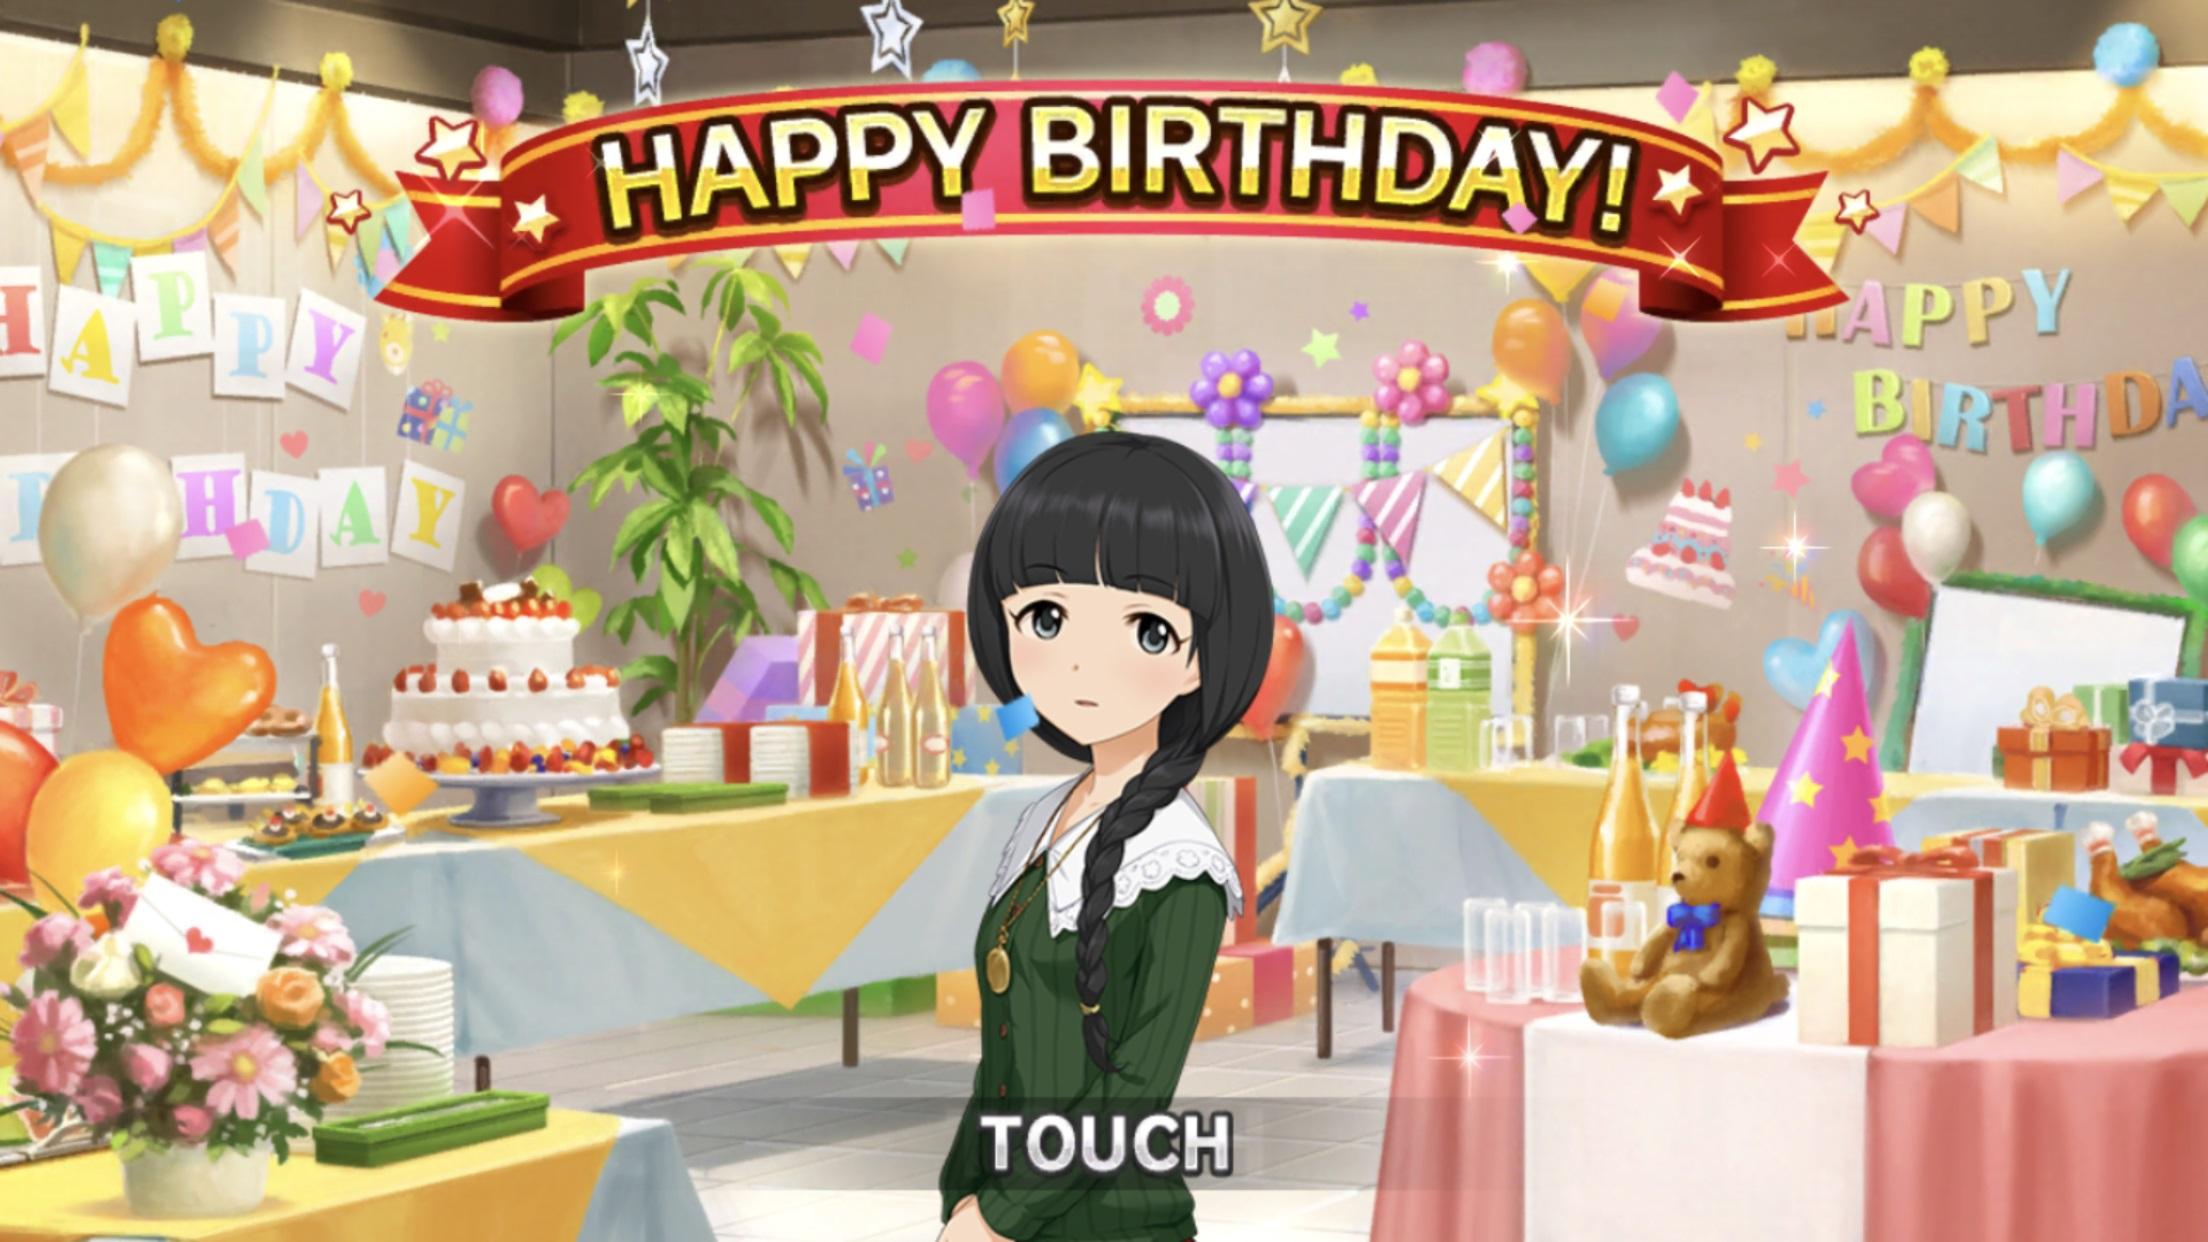 엇, 오늘이 무츠미의 생일이었군요, ㄷㄷ...